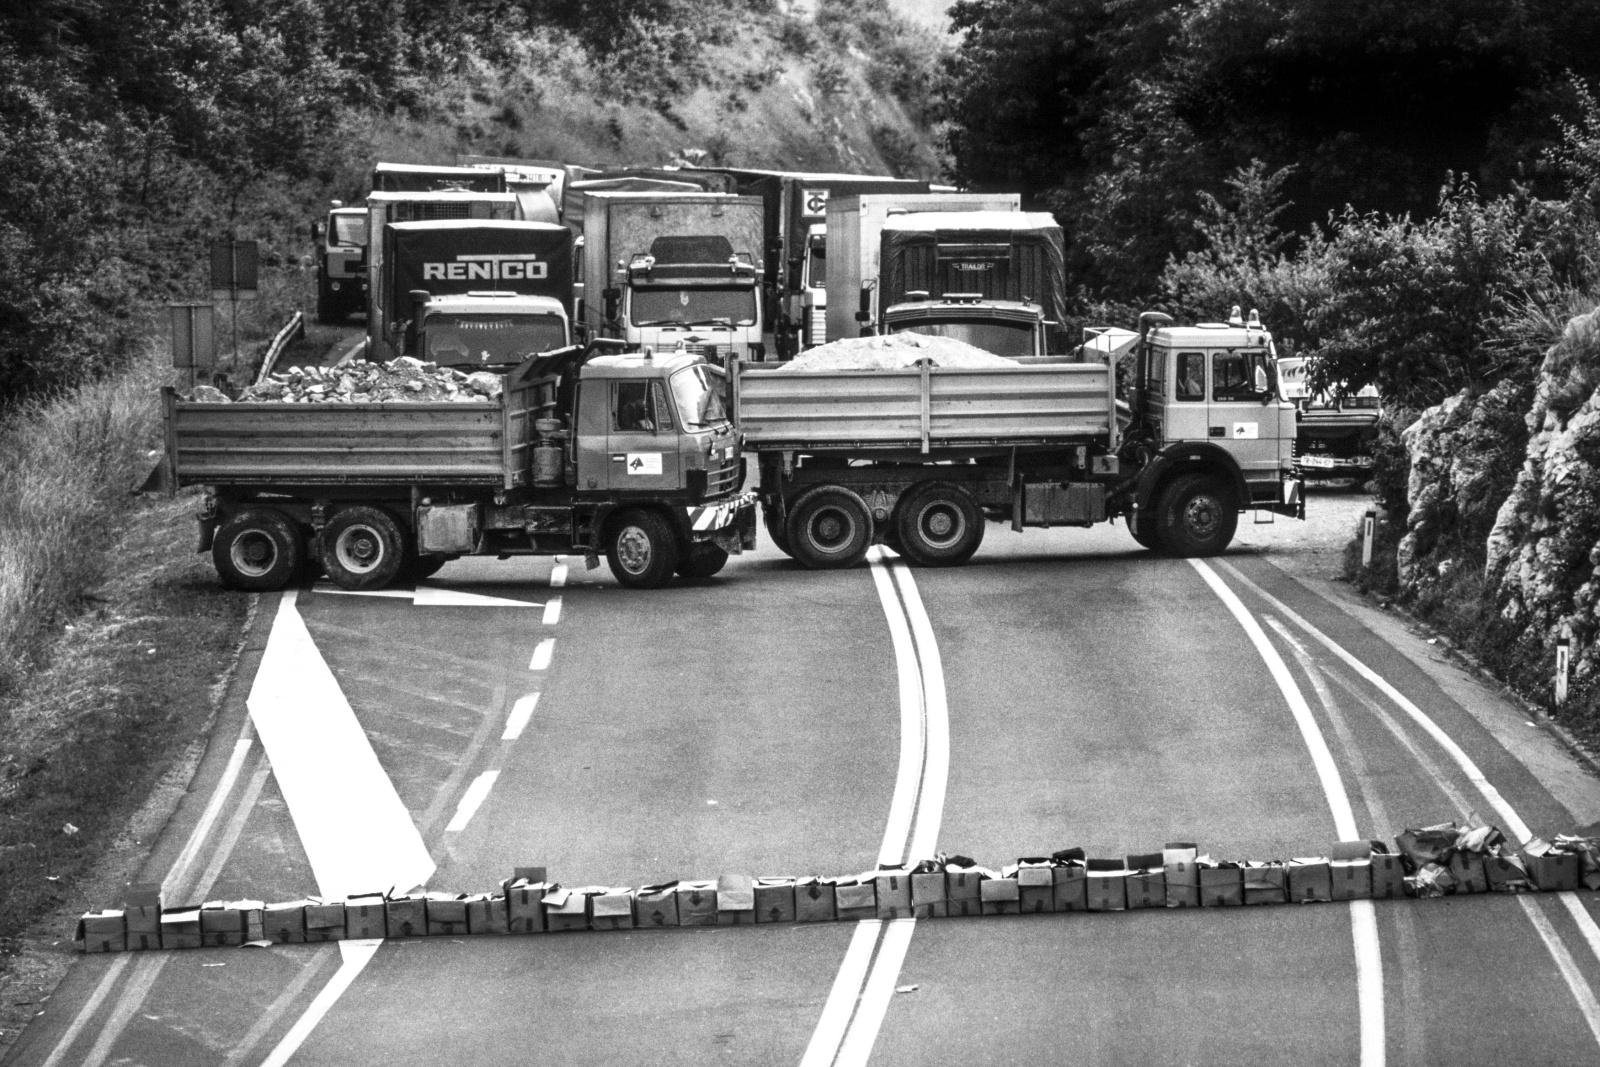 Slovenia giugno 1991, i ponti e le strade sono minate per il passaggio delle colonne di tank dell'esercito Federale JNA